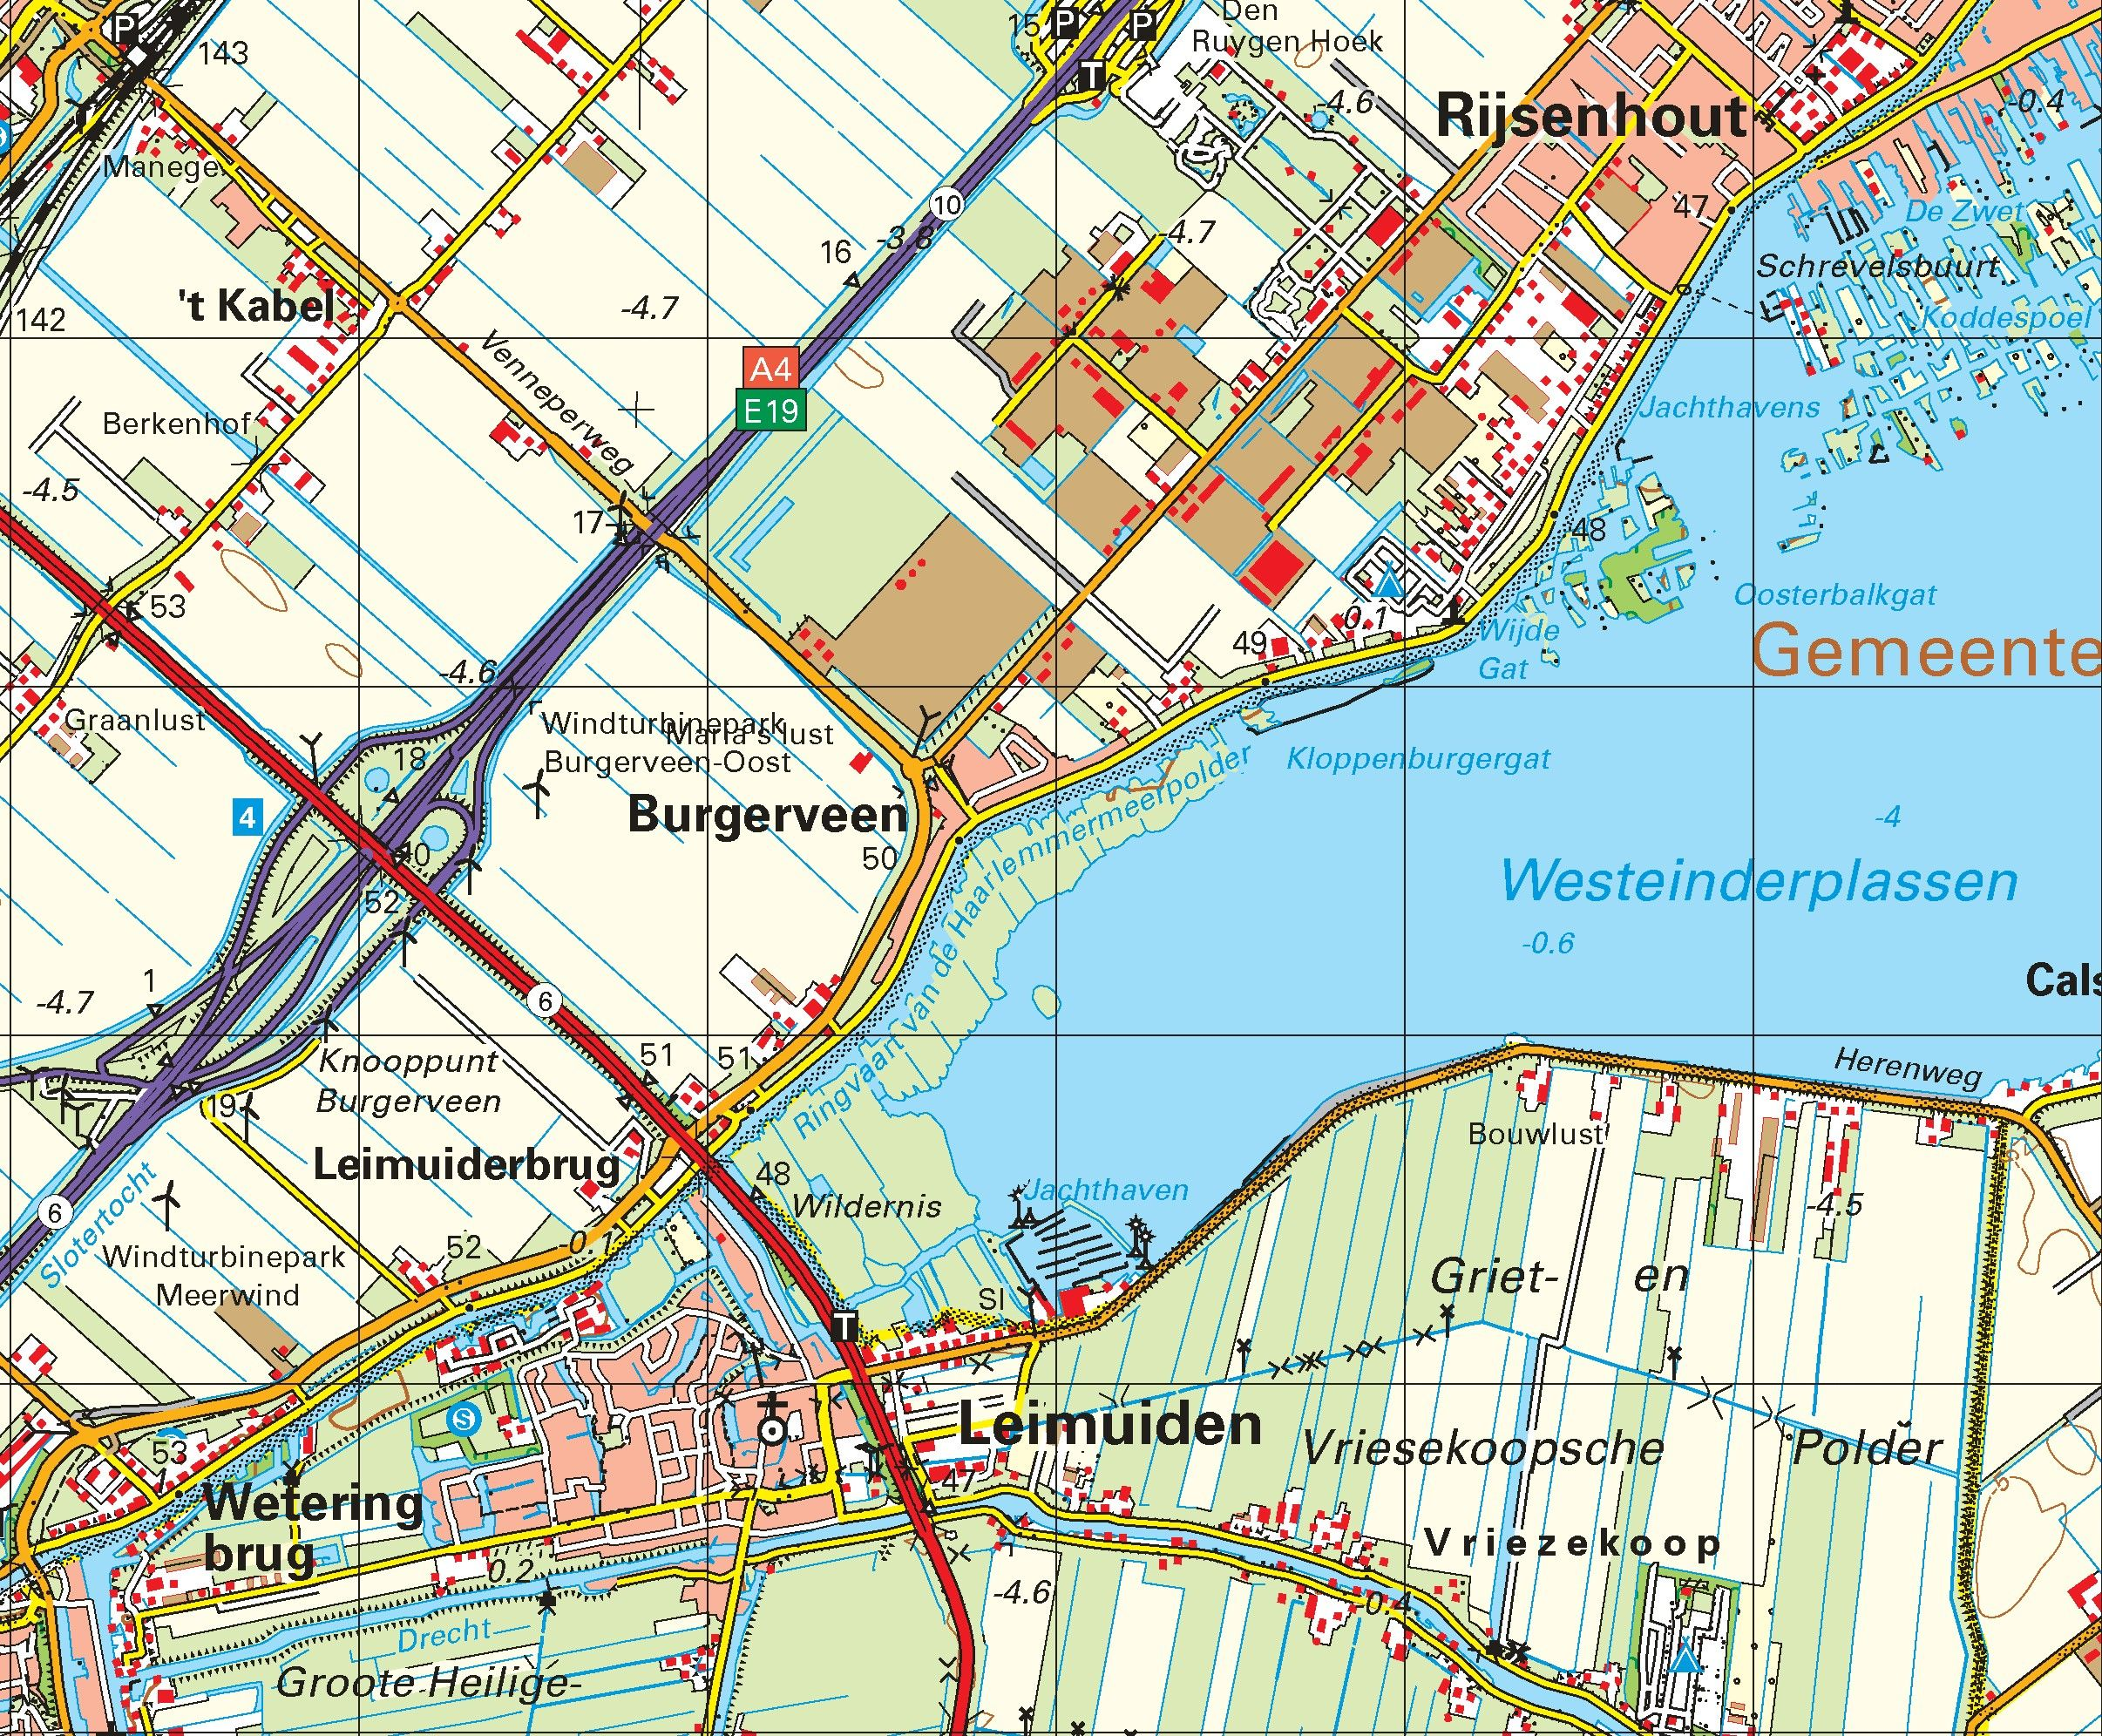 Topografische kaart schaal 1:50.000 (Haarlem, Amsterdam, Hoofddorp, Leiden, Alphen aan den Rijn